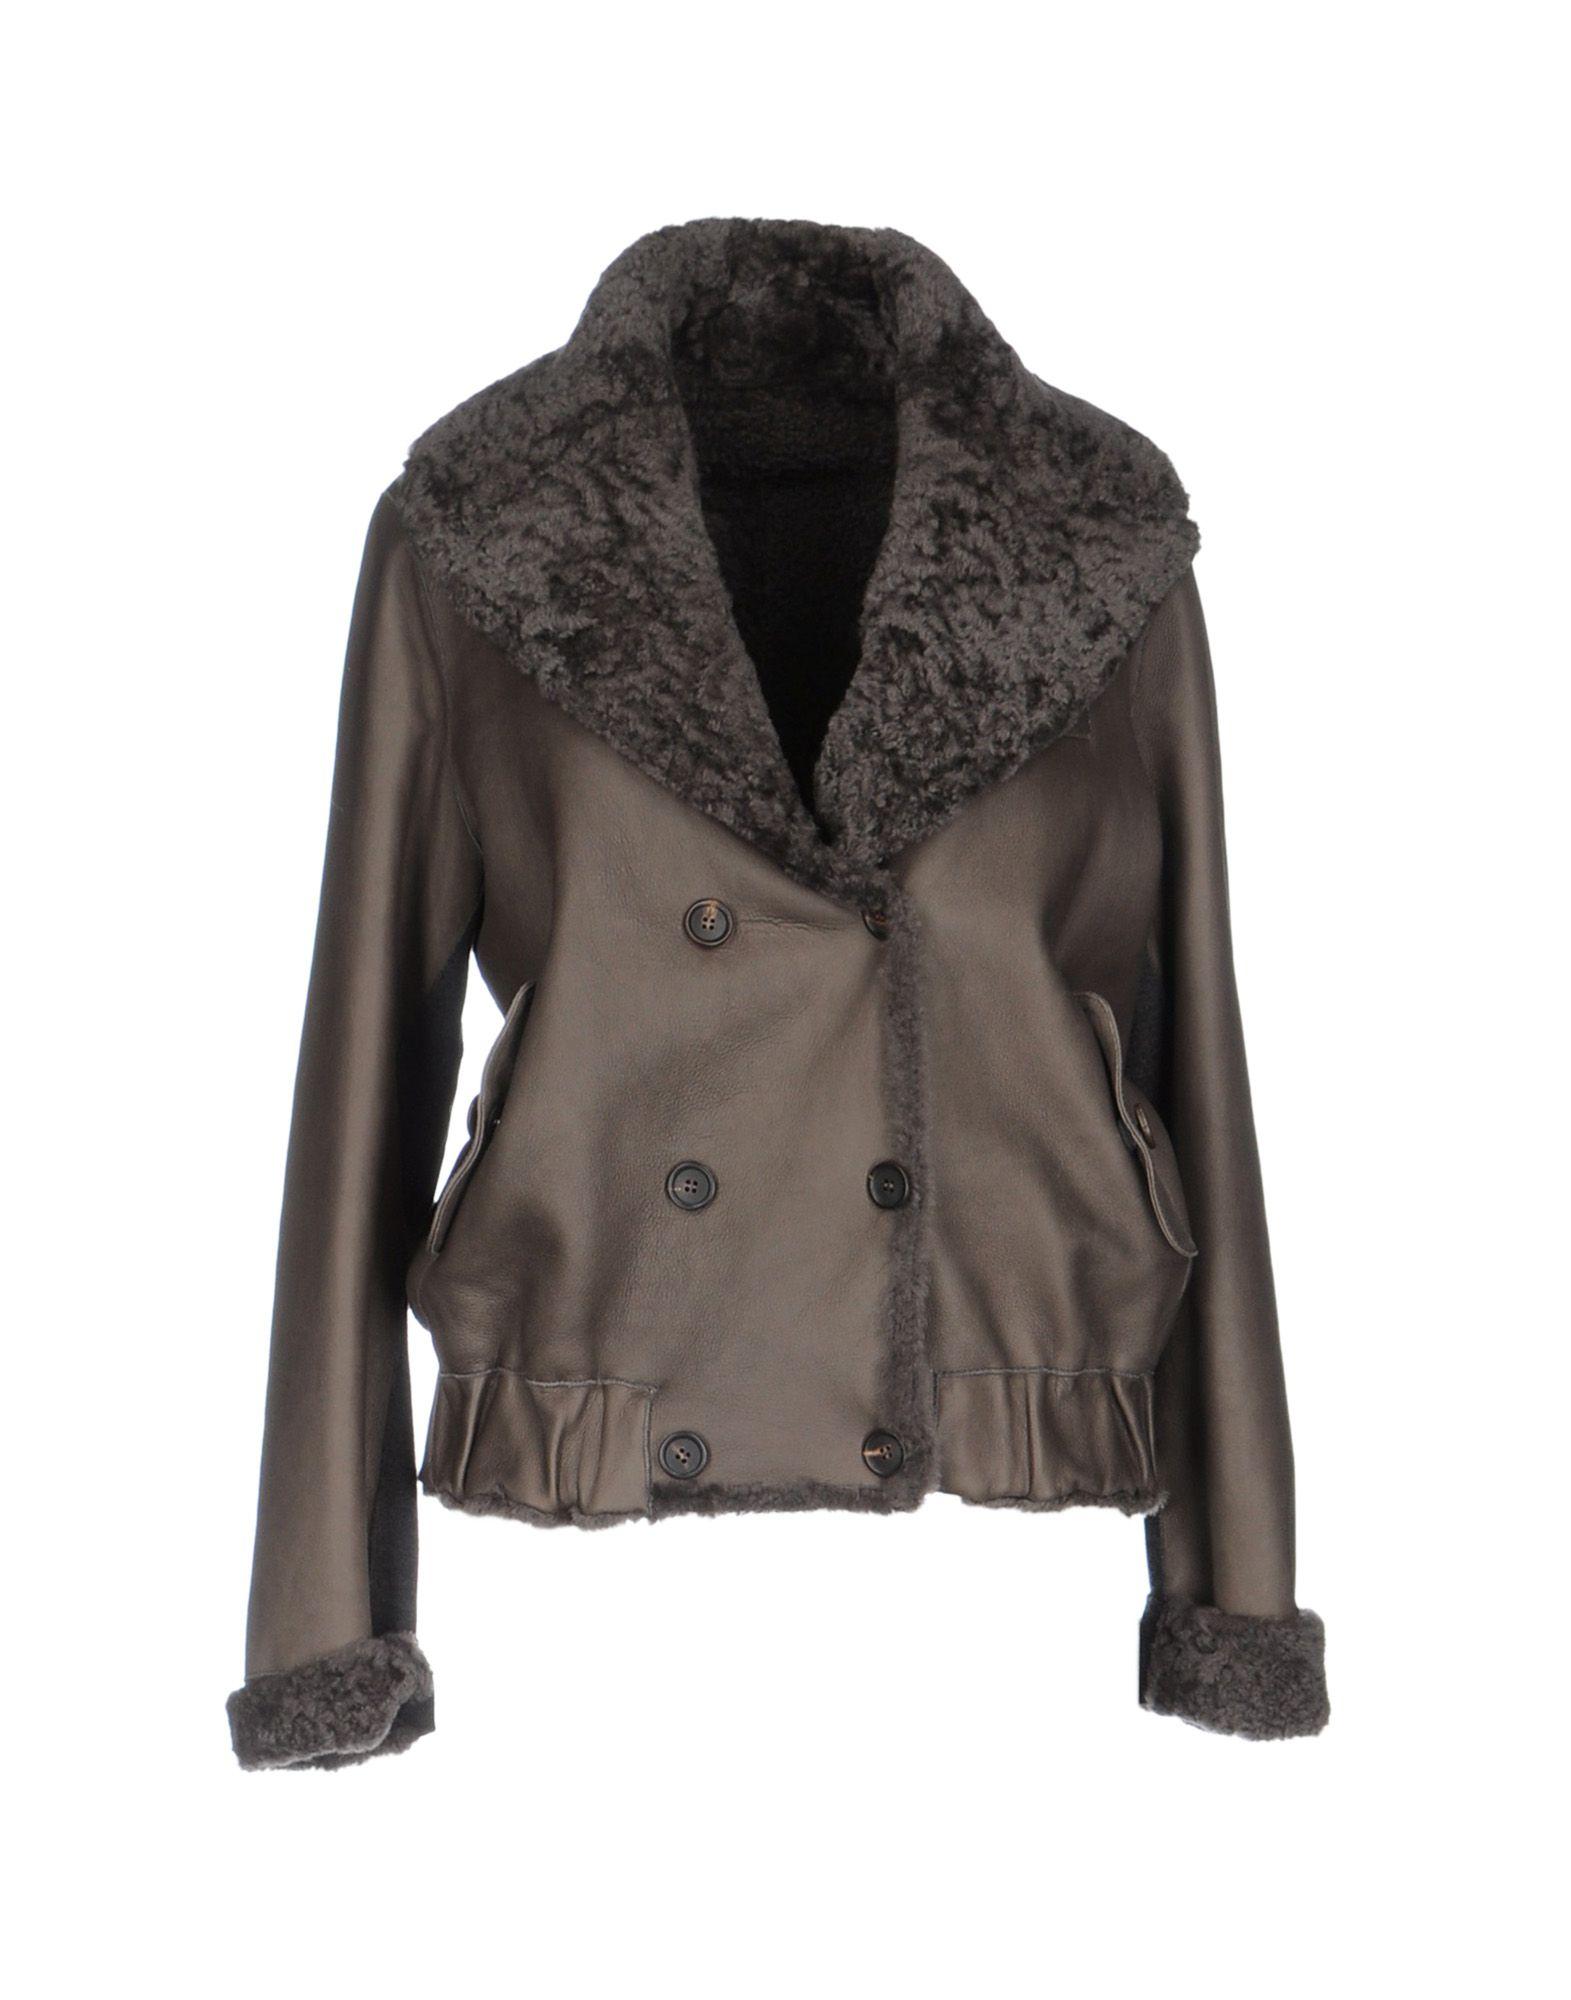 BRUNELLO CUCINELLI Damen Jacke Farbe Blei Größe 5 - broschei